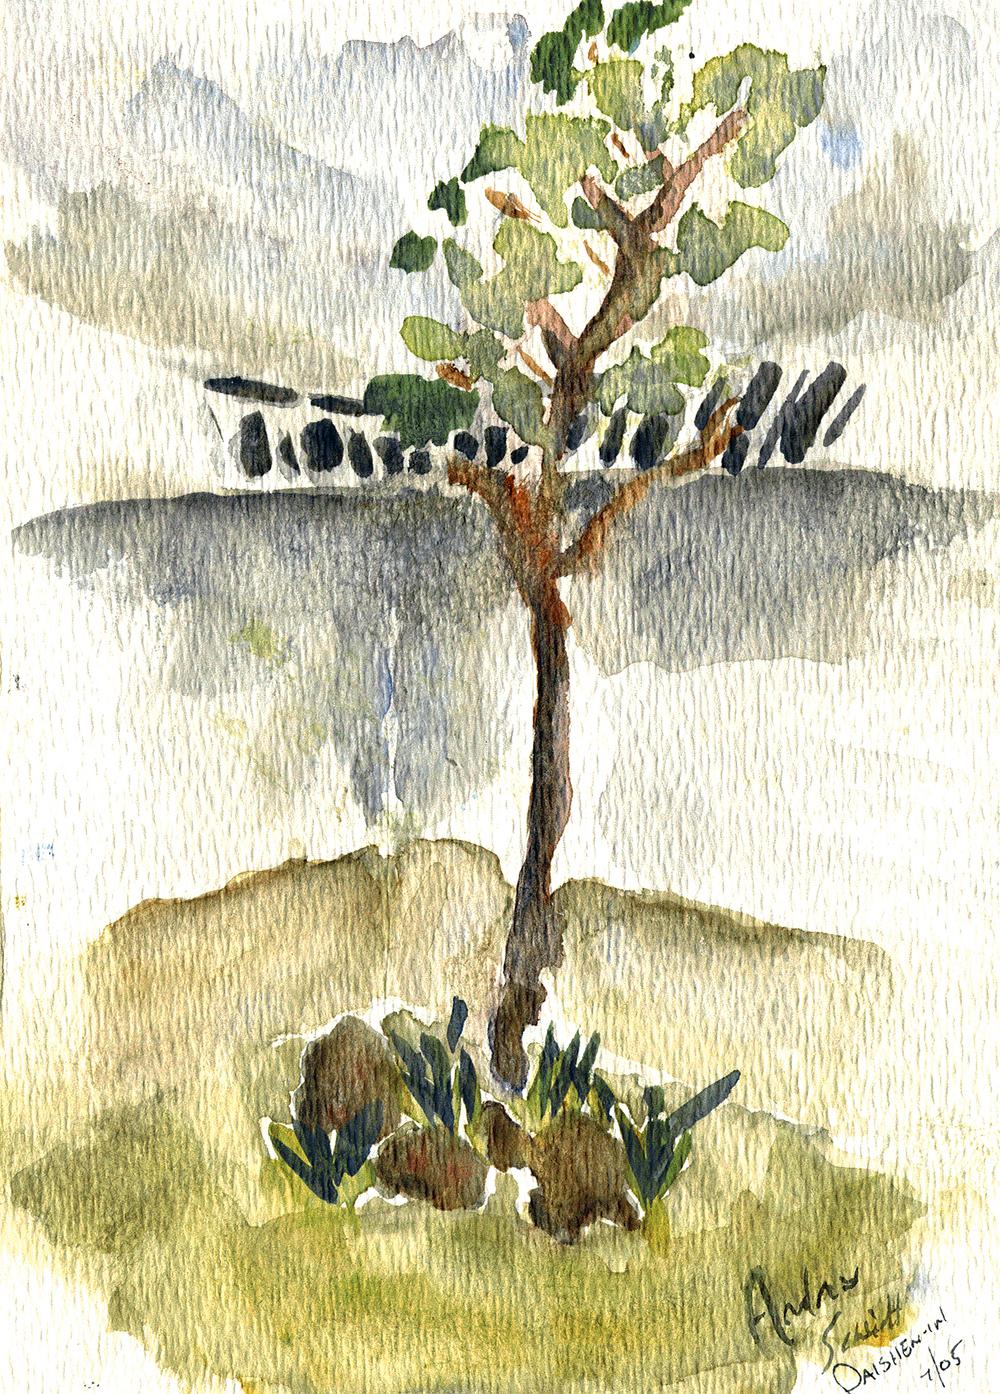 watercolor_004b.jpg